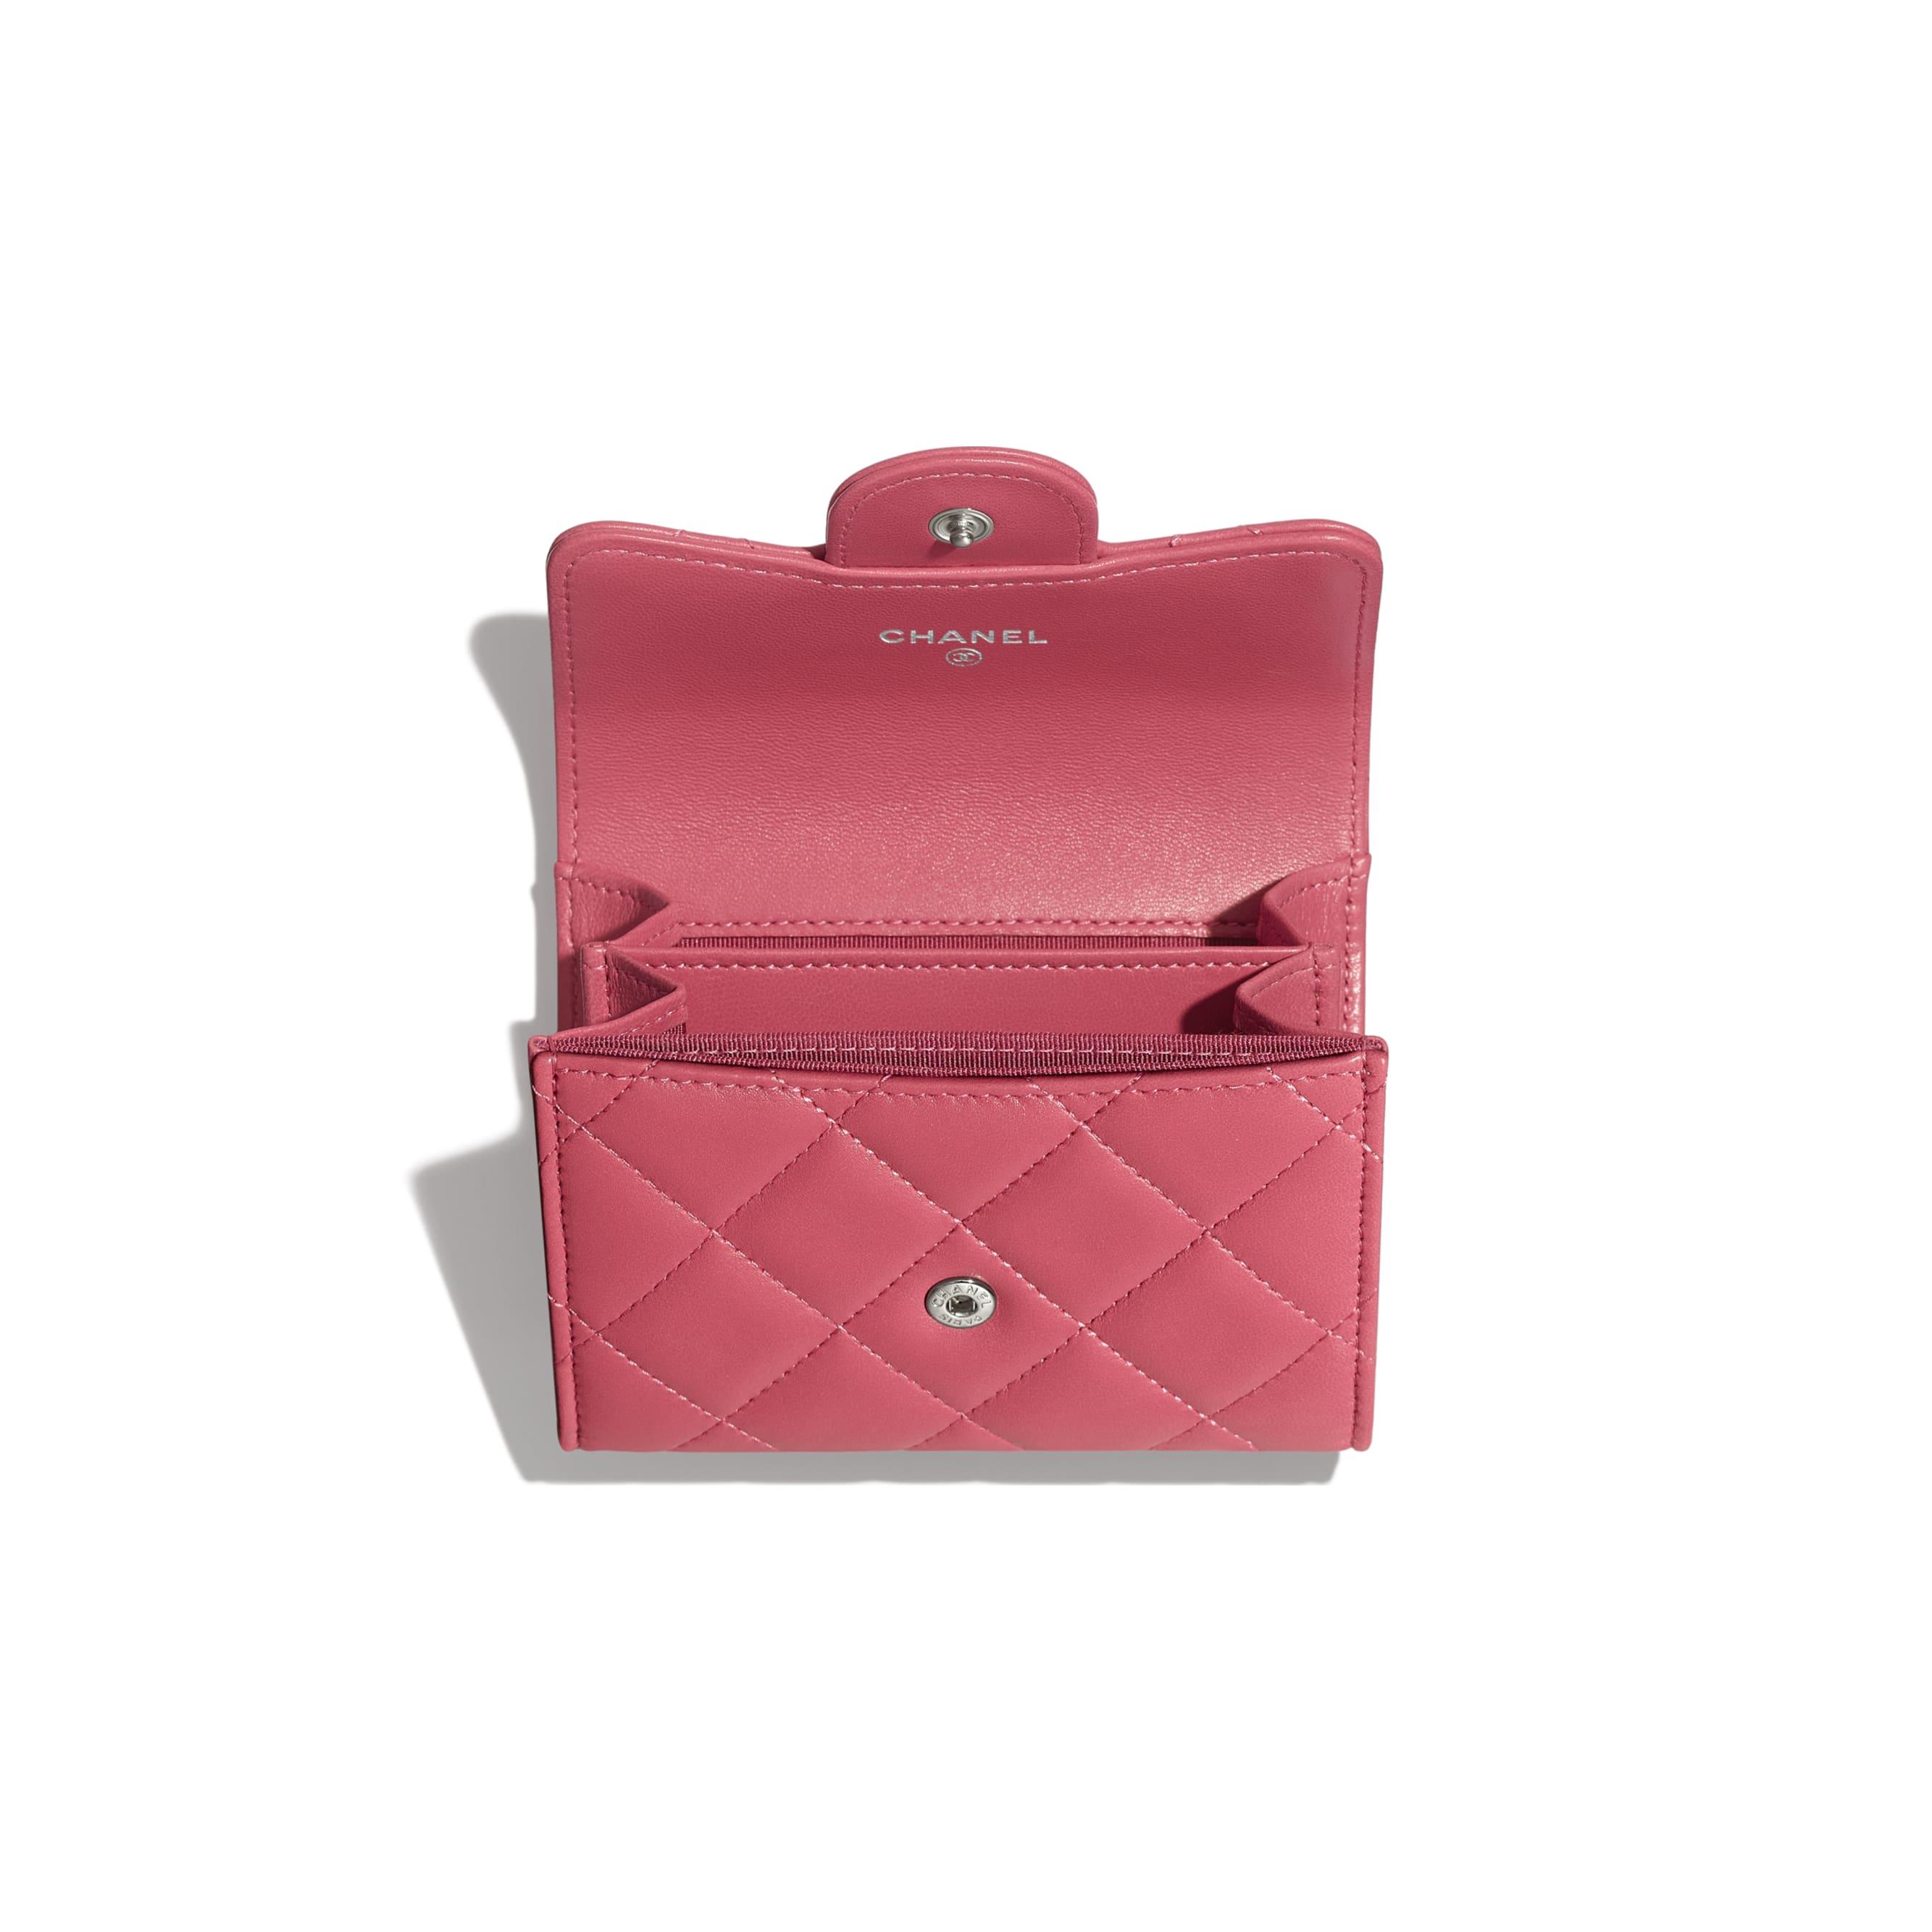 Кошелек-конверт - Розовый - Кожа ягненка и серебристый металл - Другое изображение - посмотреть изображение стандартного размера